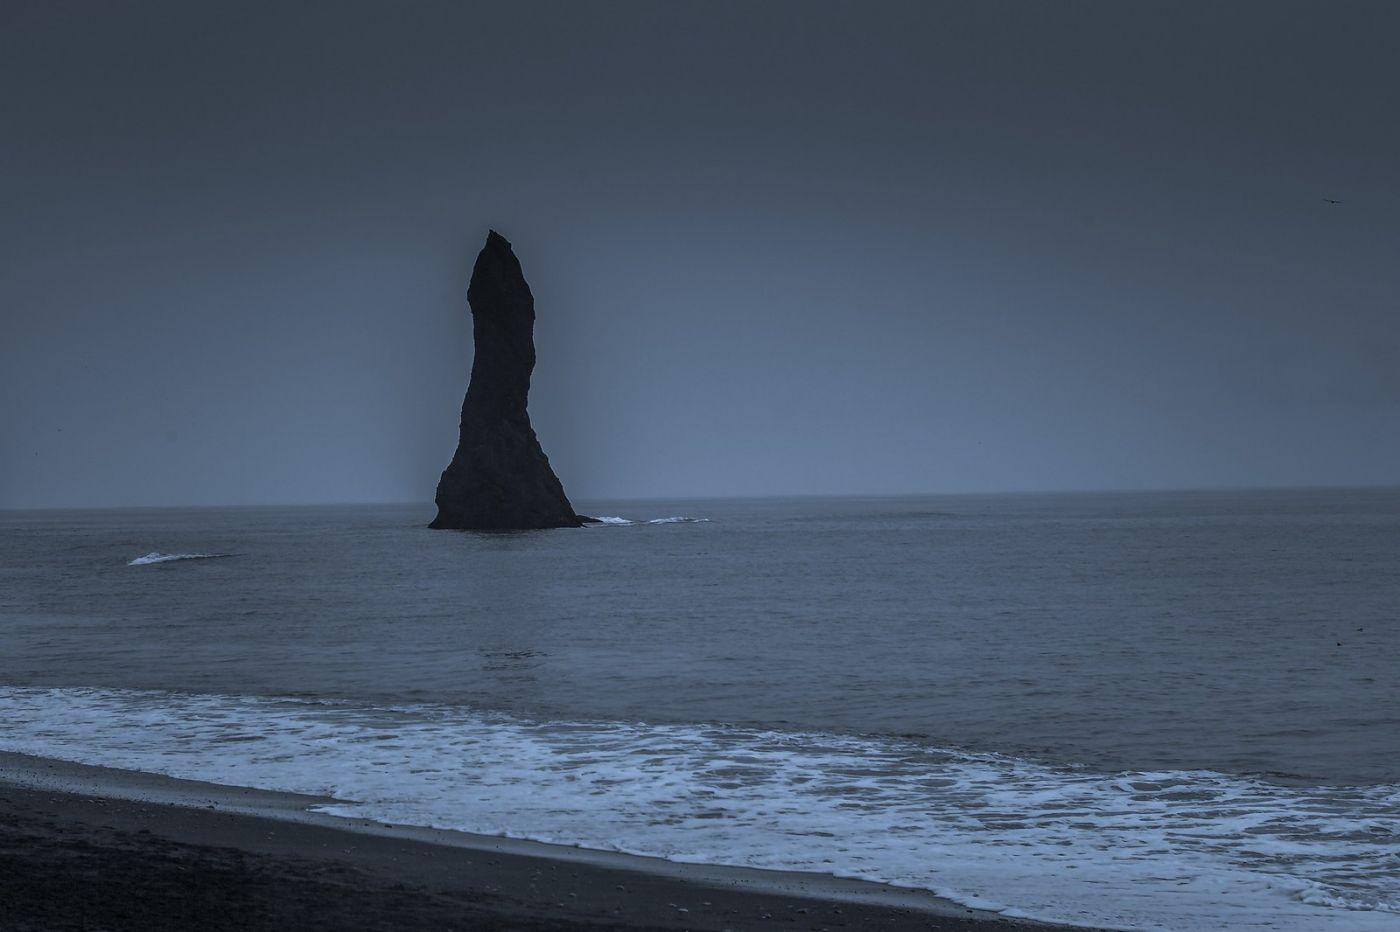 冰岛雷尼斯法加拉黑沙滩(Reynisfjara Black Sand Beach)_图1-5